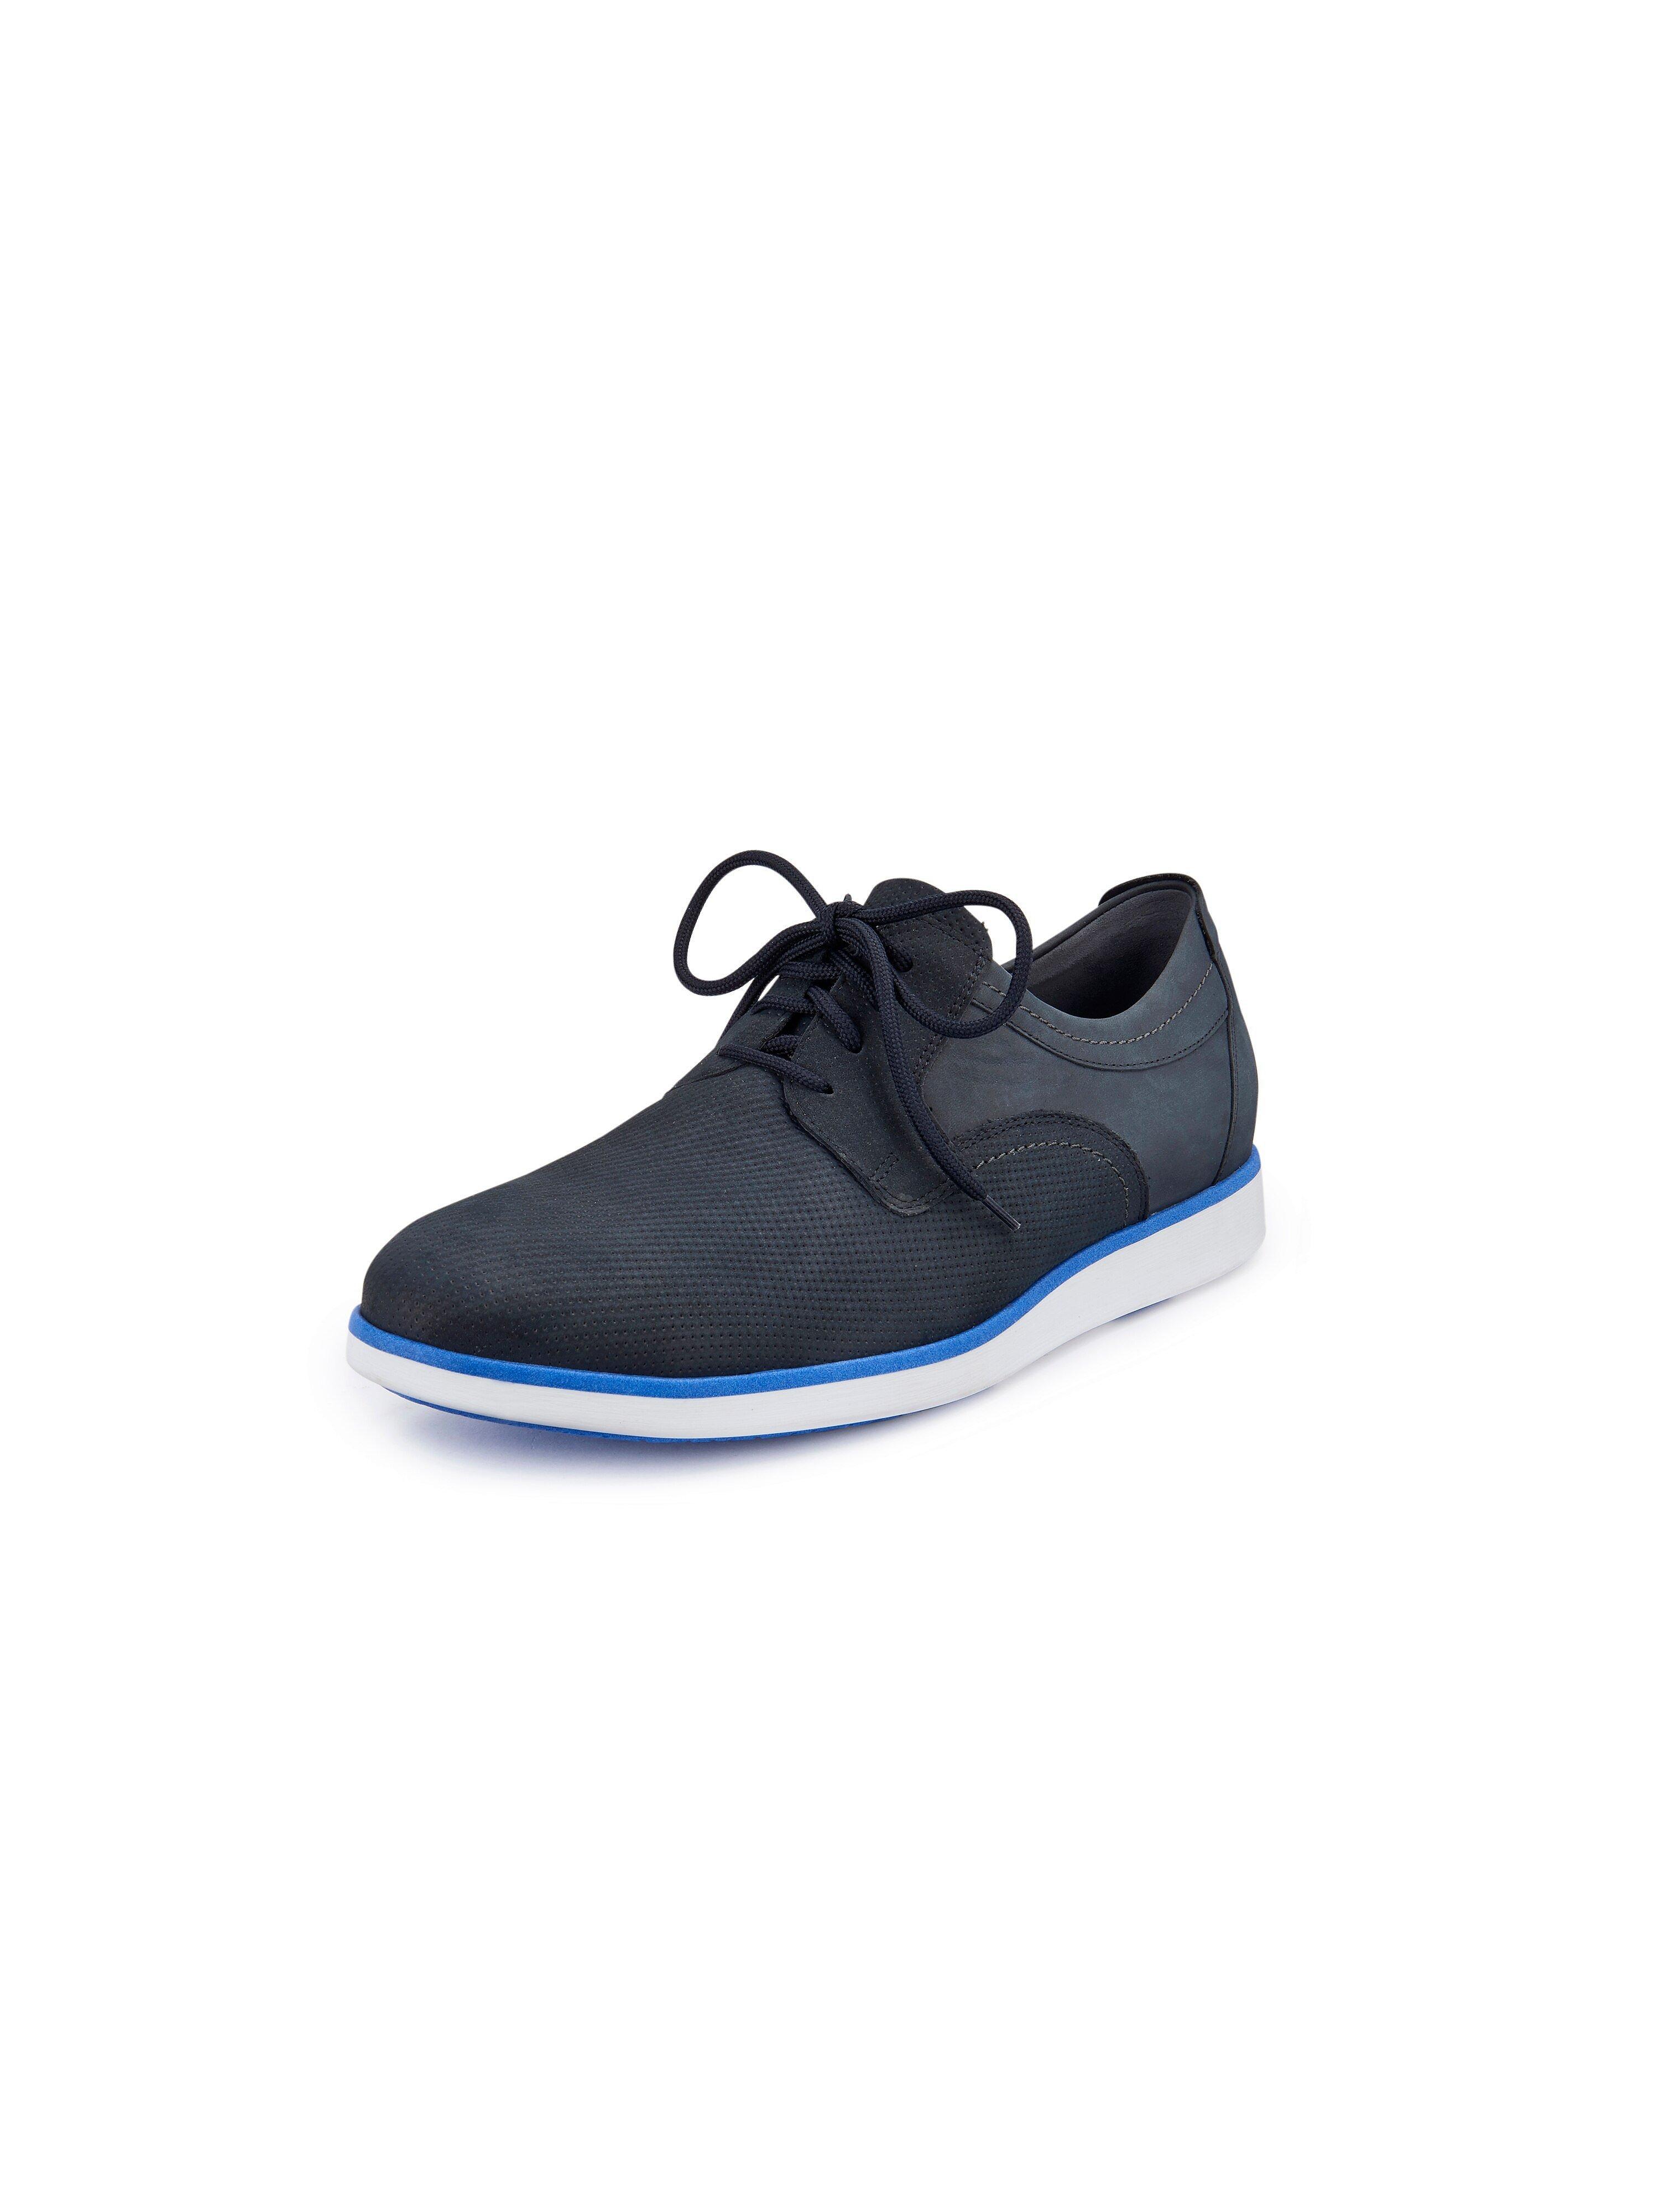 Schuhe » waldlaufer Herren Schnürschuhe online kaufen